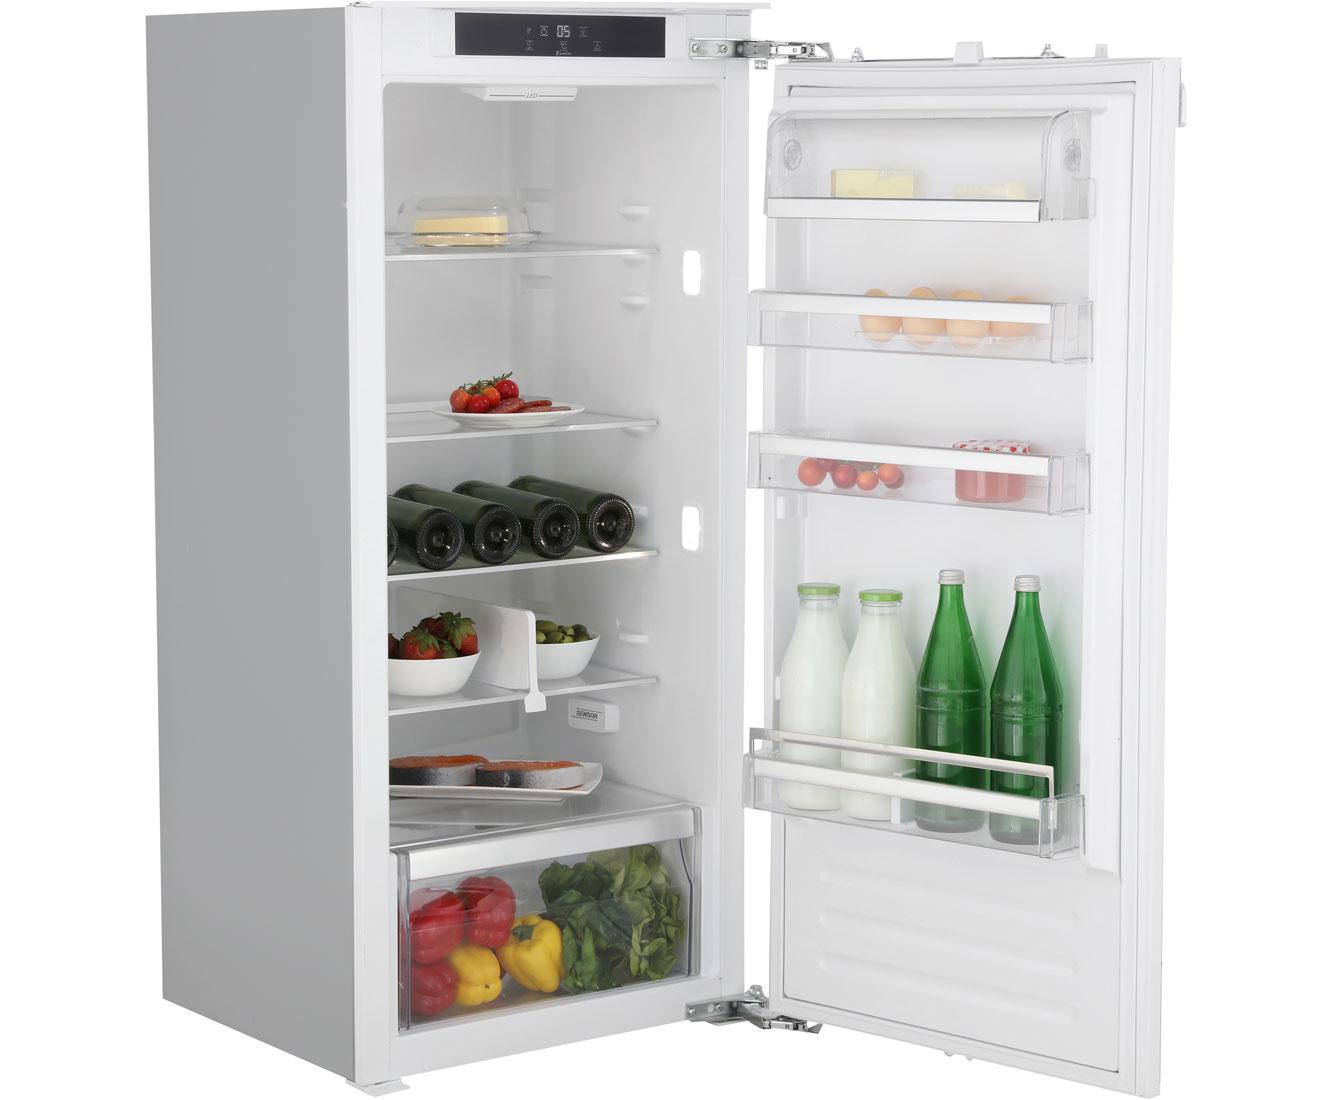 KRIE 2124 A+++ Kühlschränke - Weiss